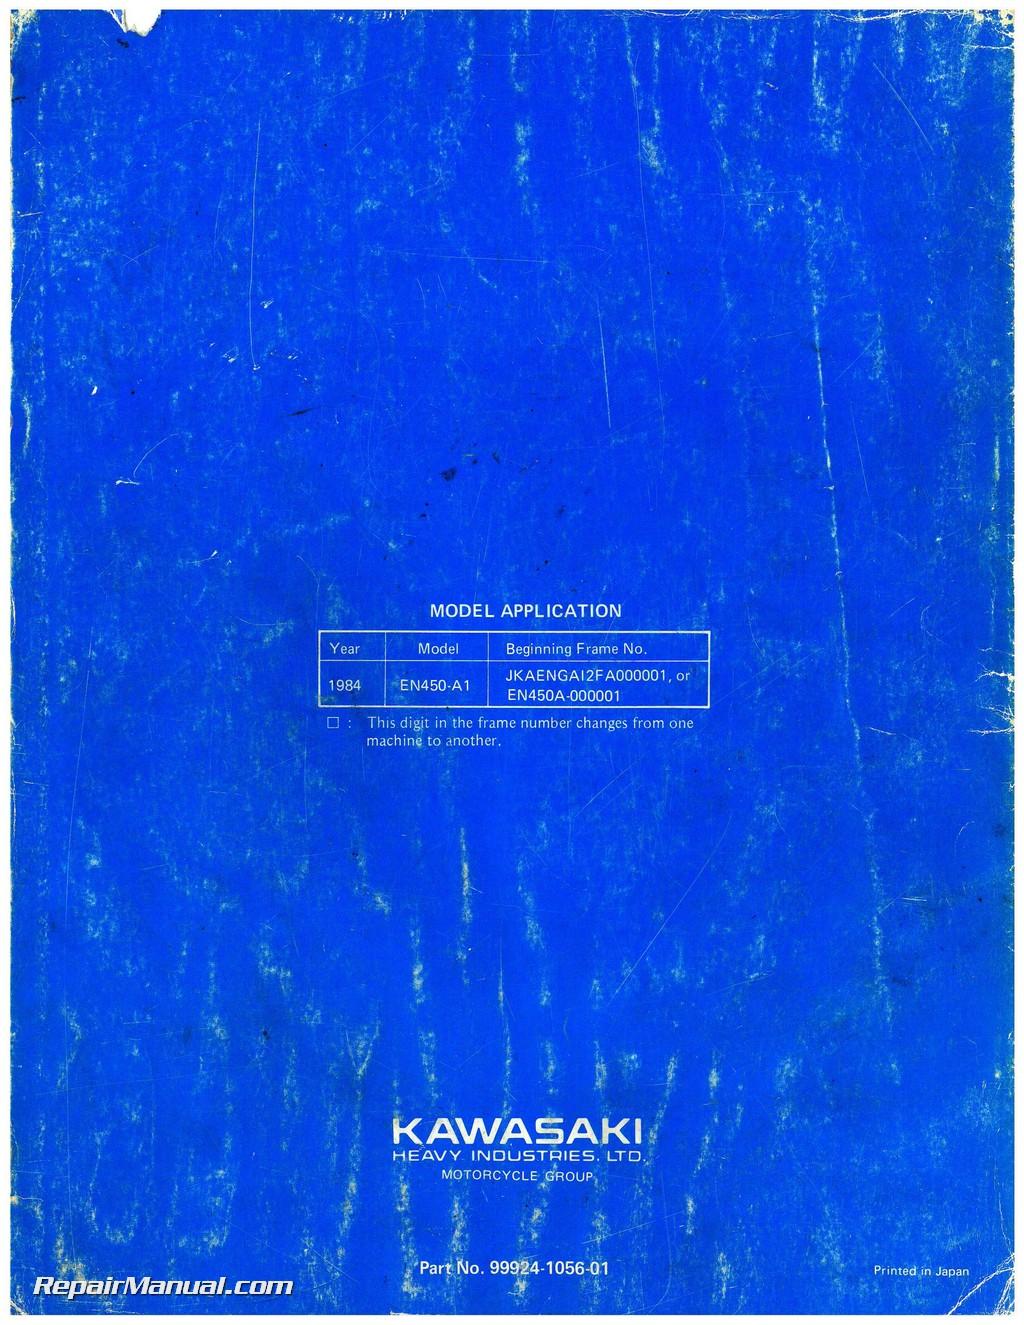 Kawasaki 454 ltd restoring the original radiator youtube.